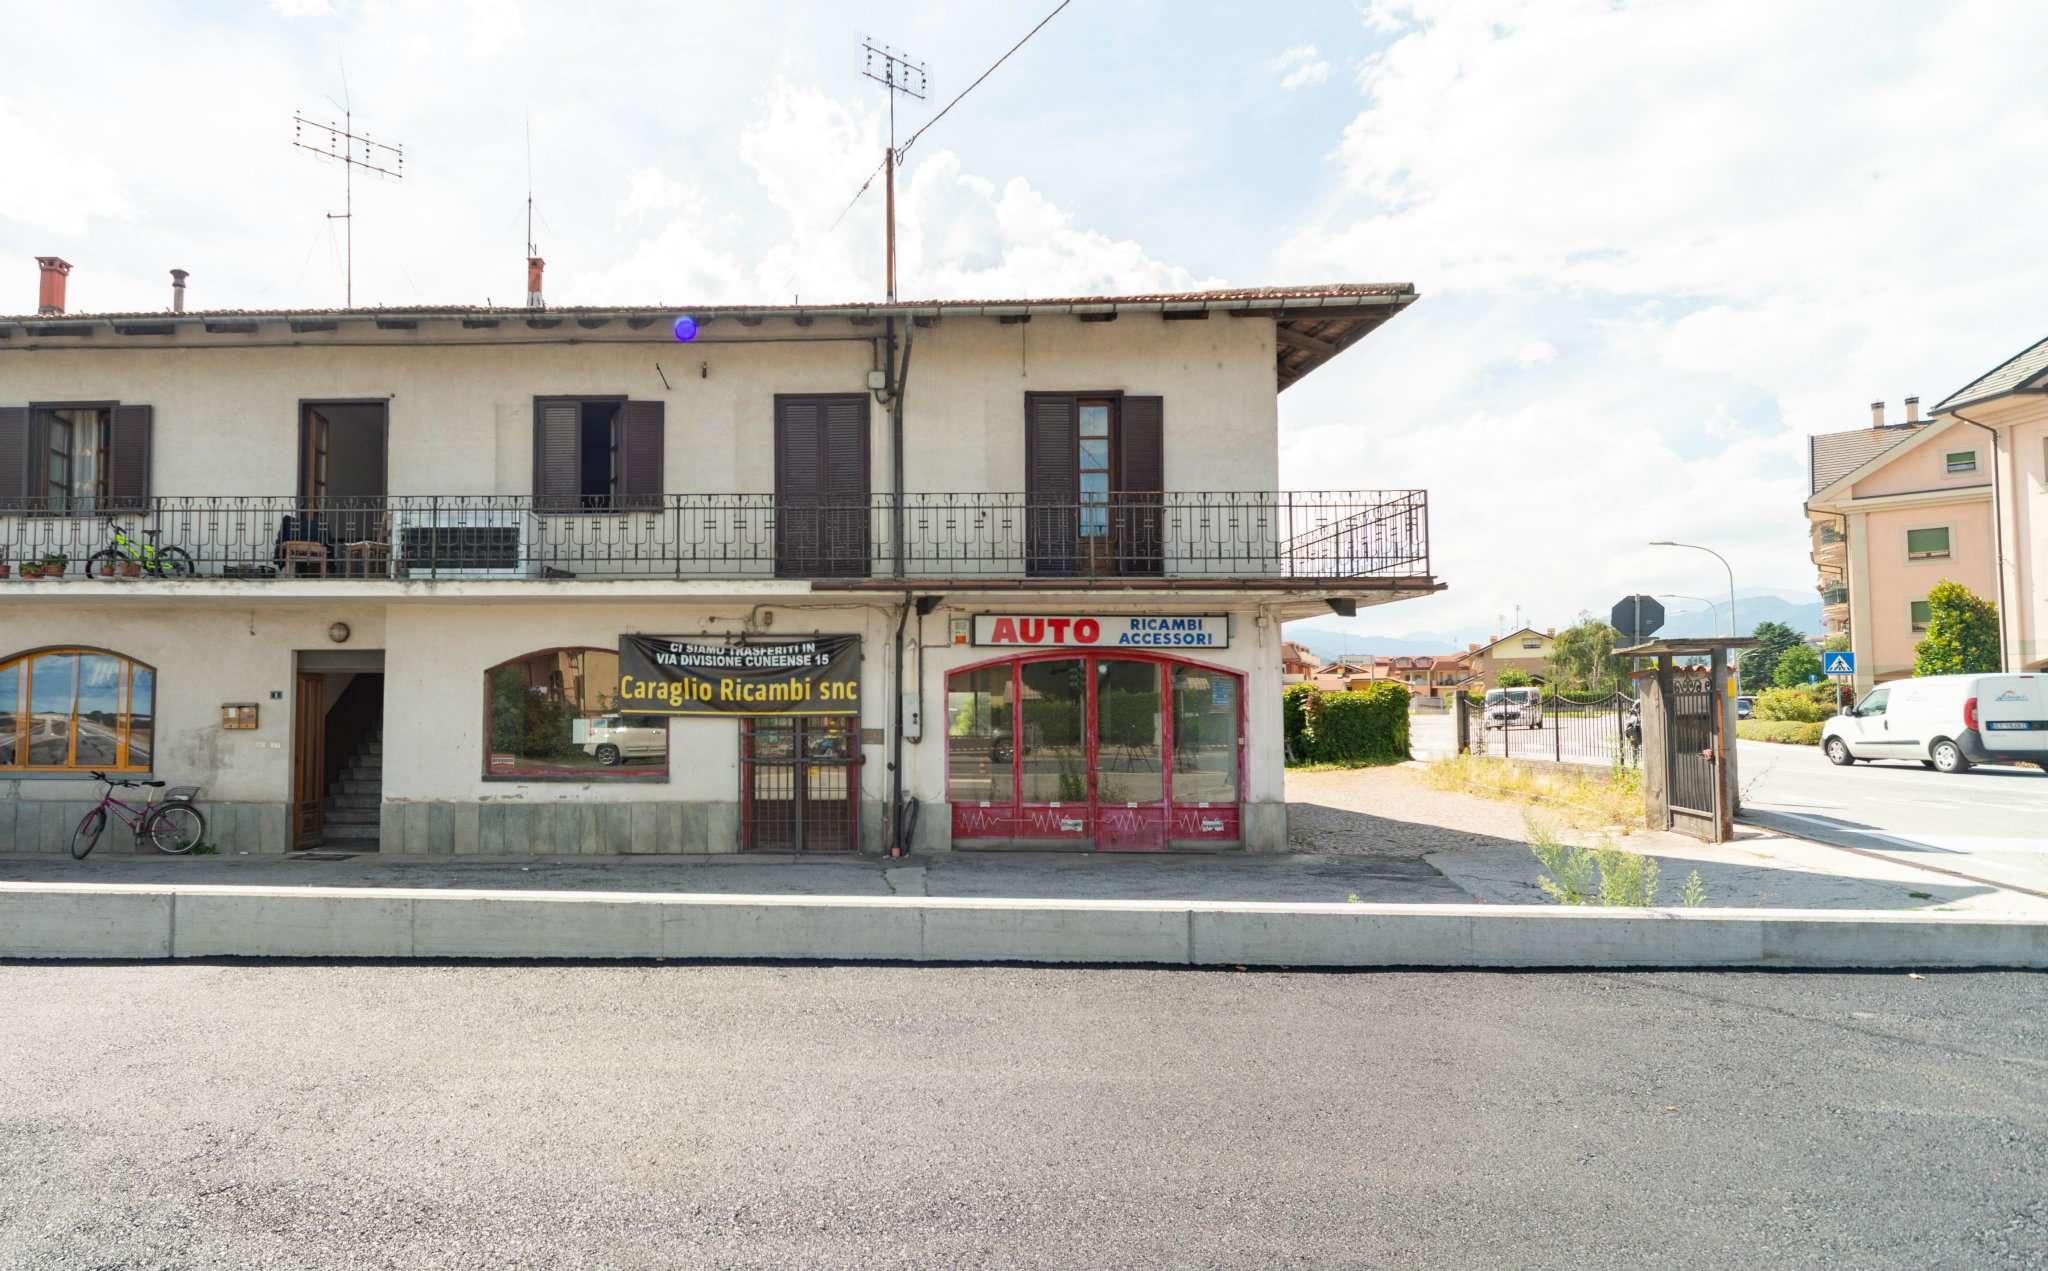 Negozio / Locale in vendita a Caraglio, 6 locali, prezzo € 99.000   PortaleAgenzieImmobiliari.it